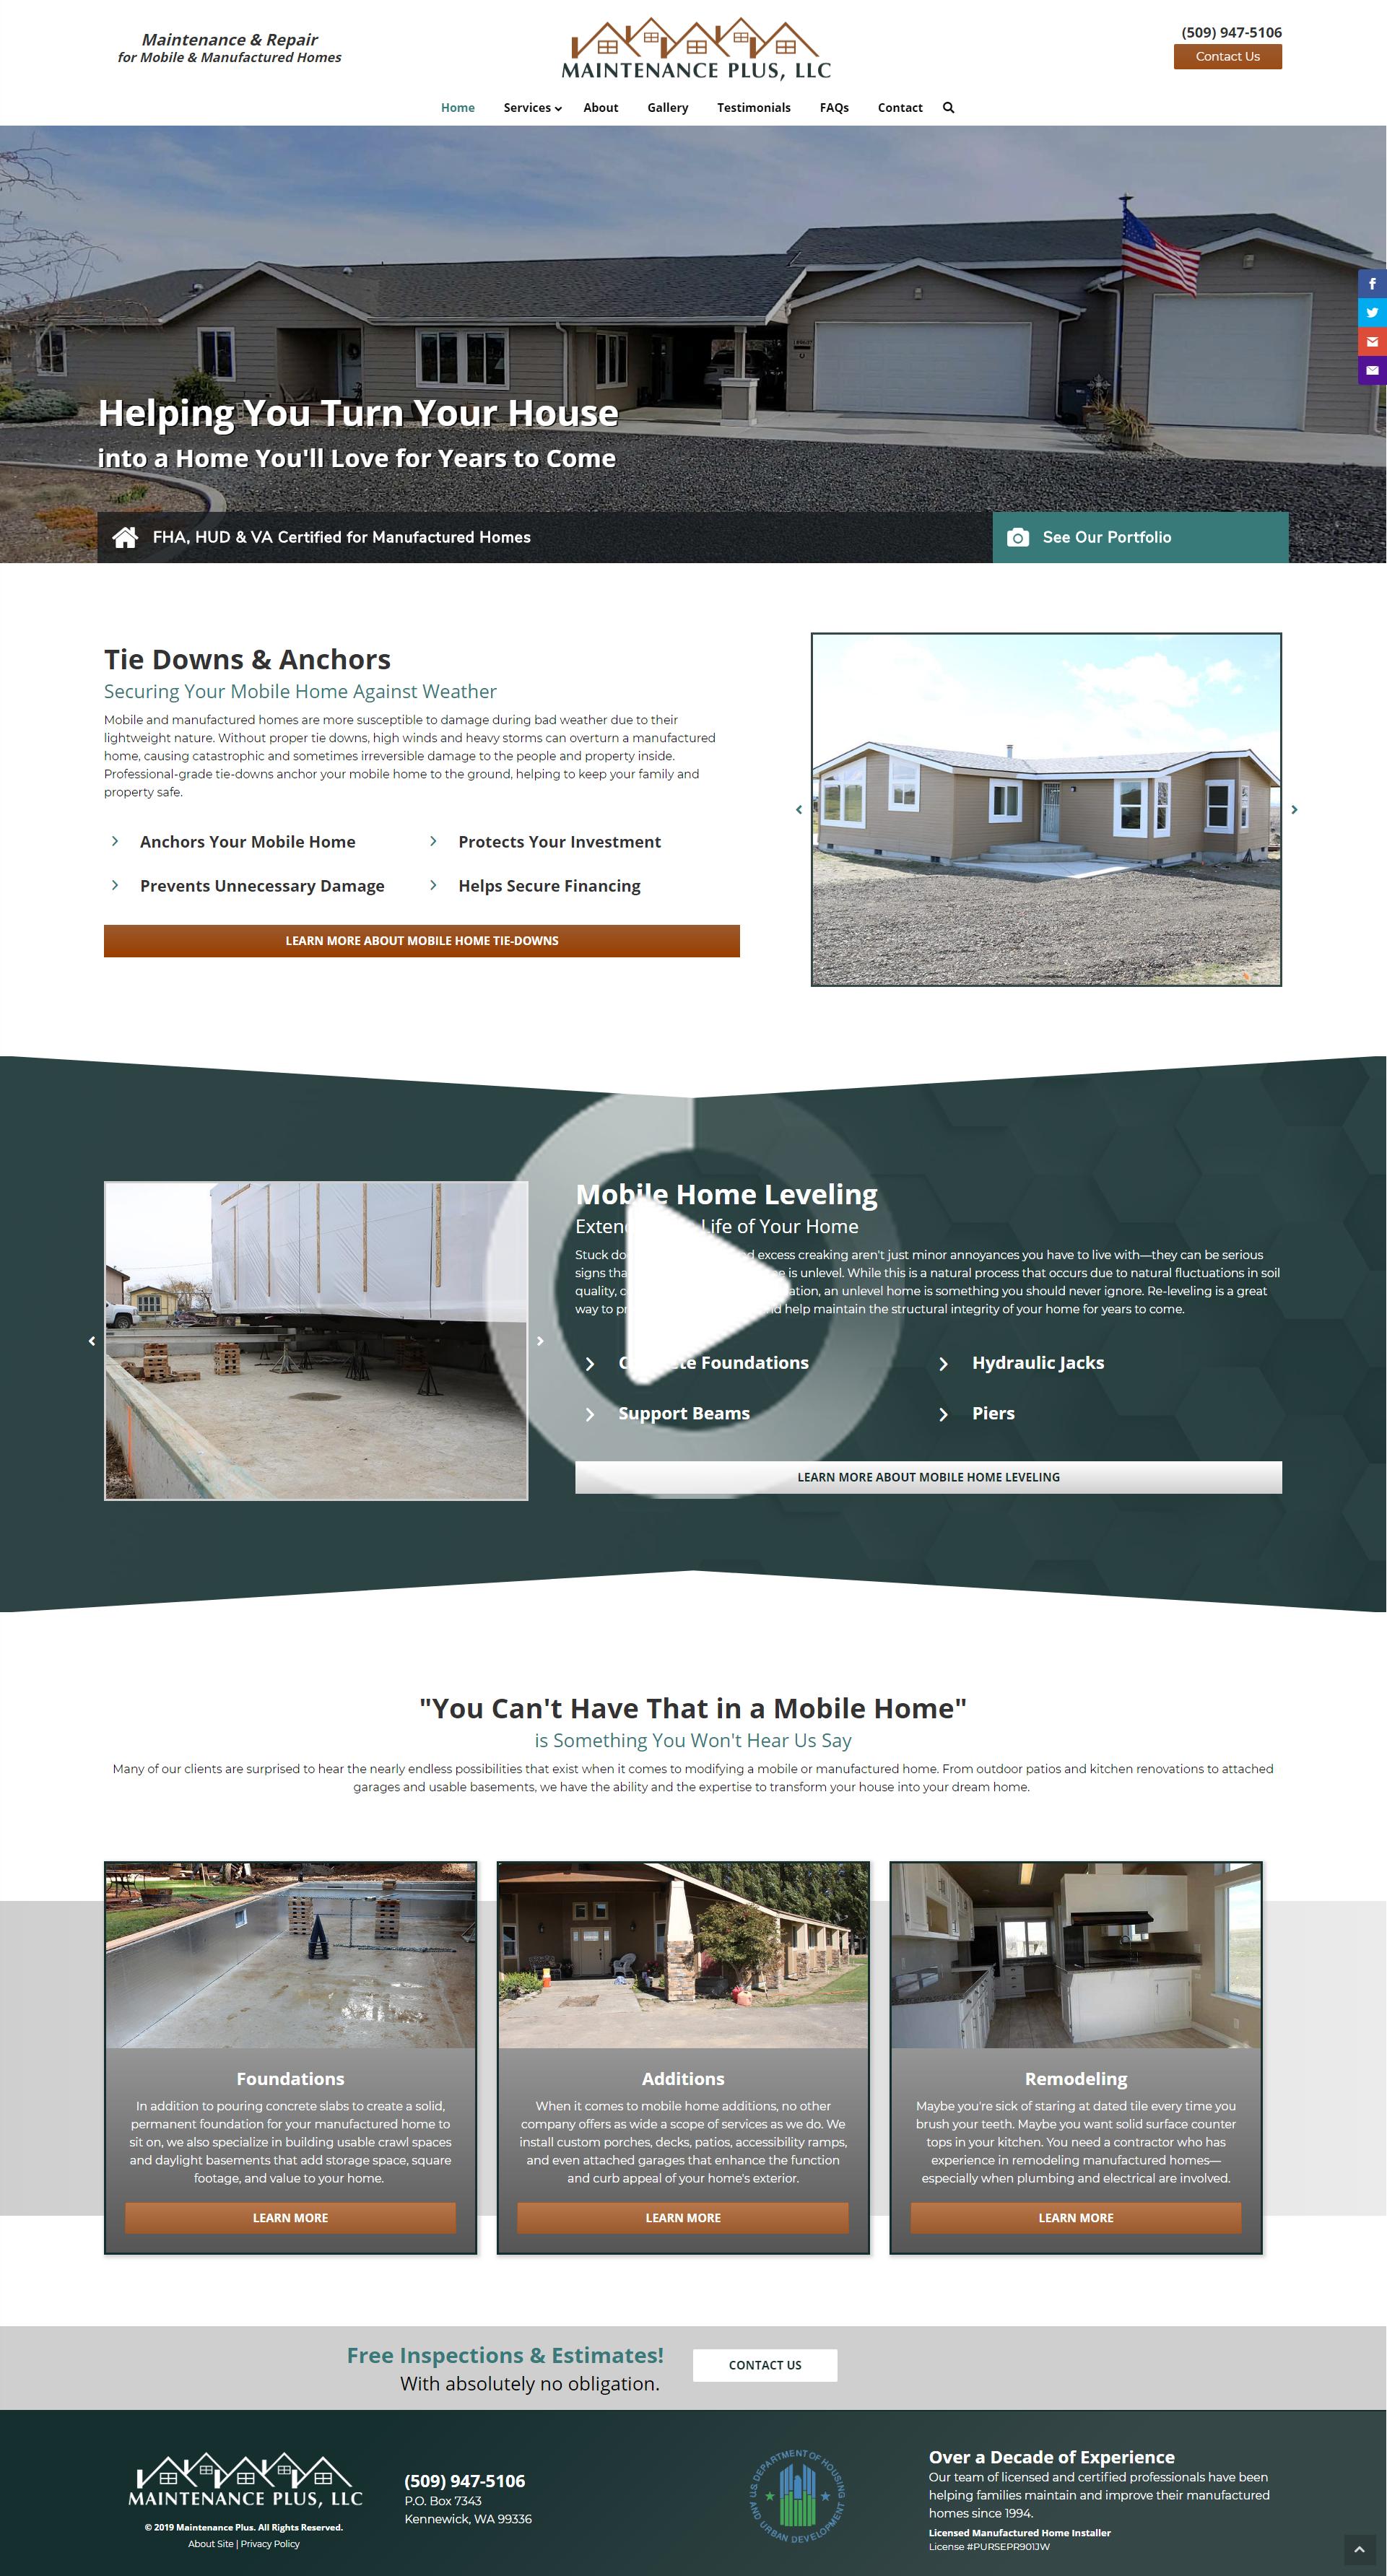 Construction Website Design In 2020 Real Estate Website Design Real Estate Web Design Digital Marketing Design